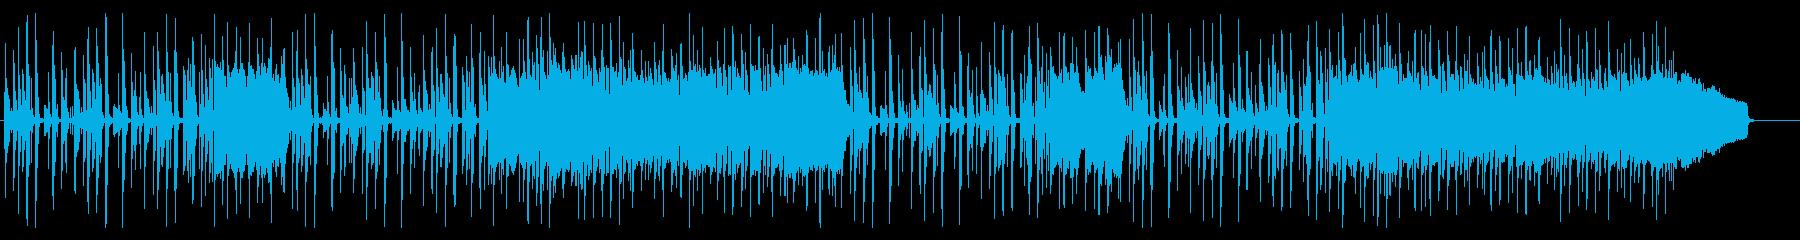 のんびり・ほんわか日常系BGM2の再生済みの波形